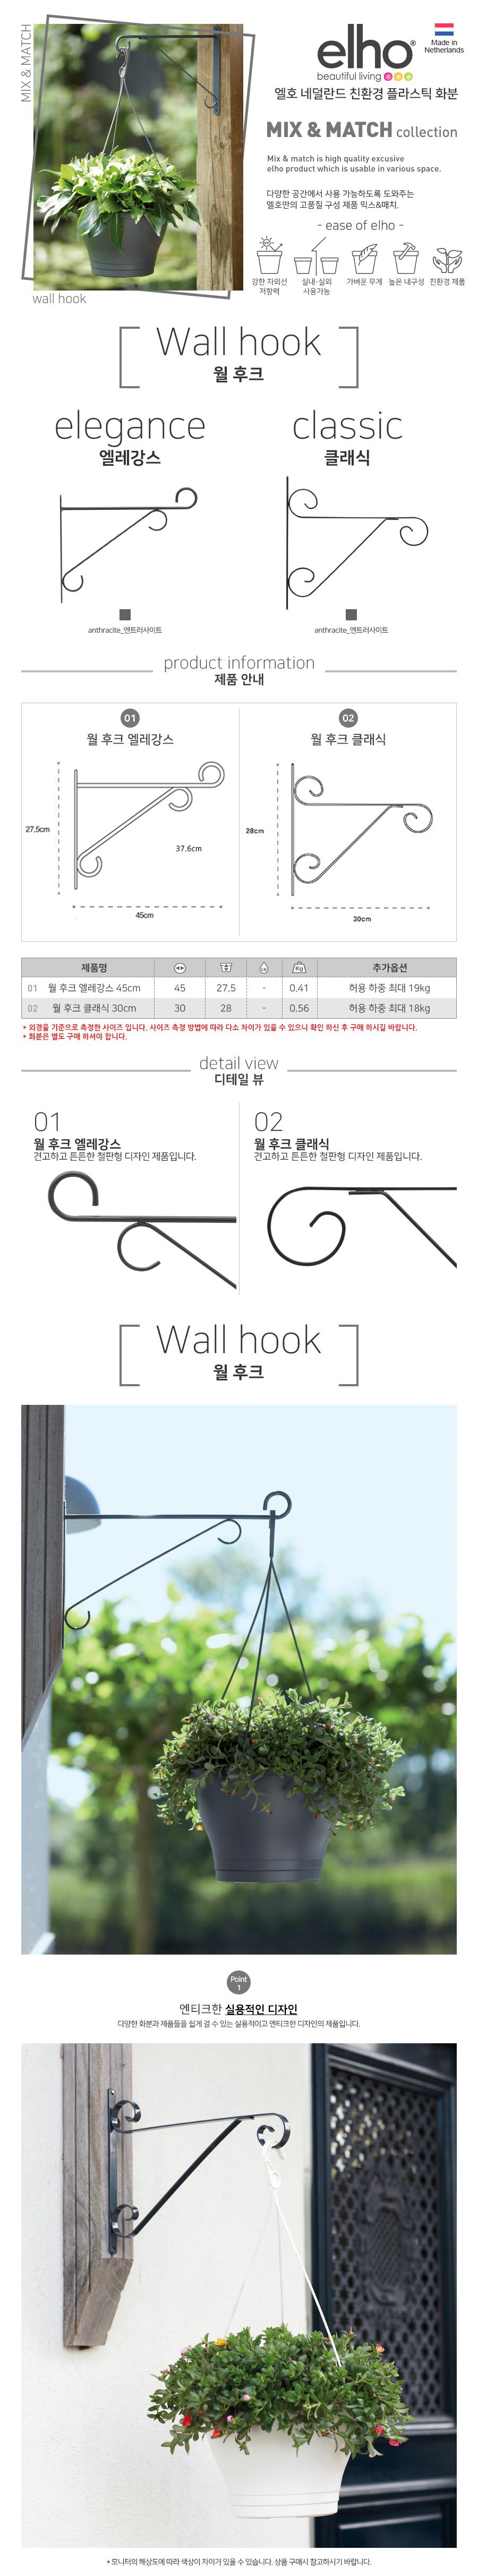 월 후크 엘레강스 발코니 베란다 벽 화분지지대(45cm) - 엘호, 10,800원, 공화분, 디자인화분